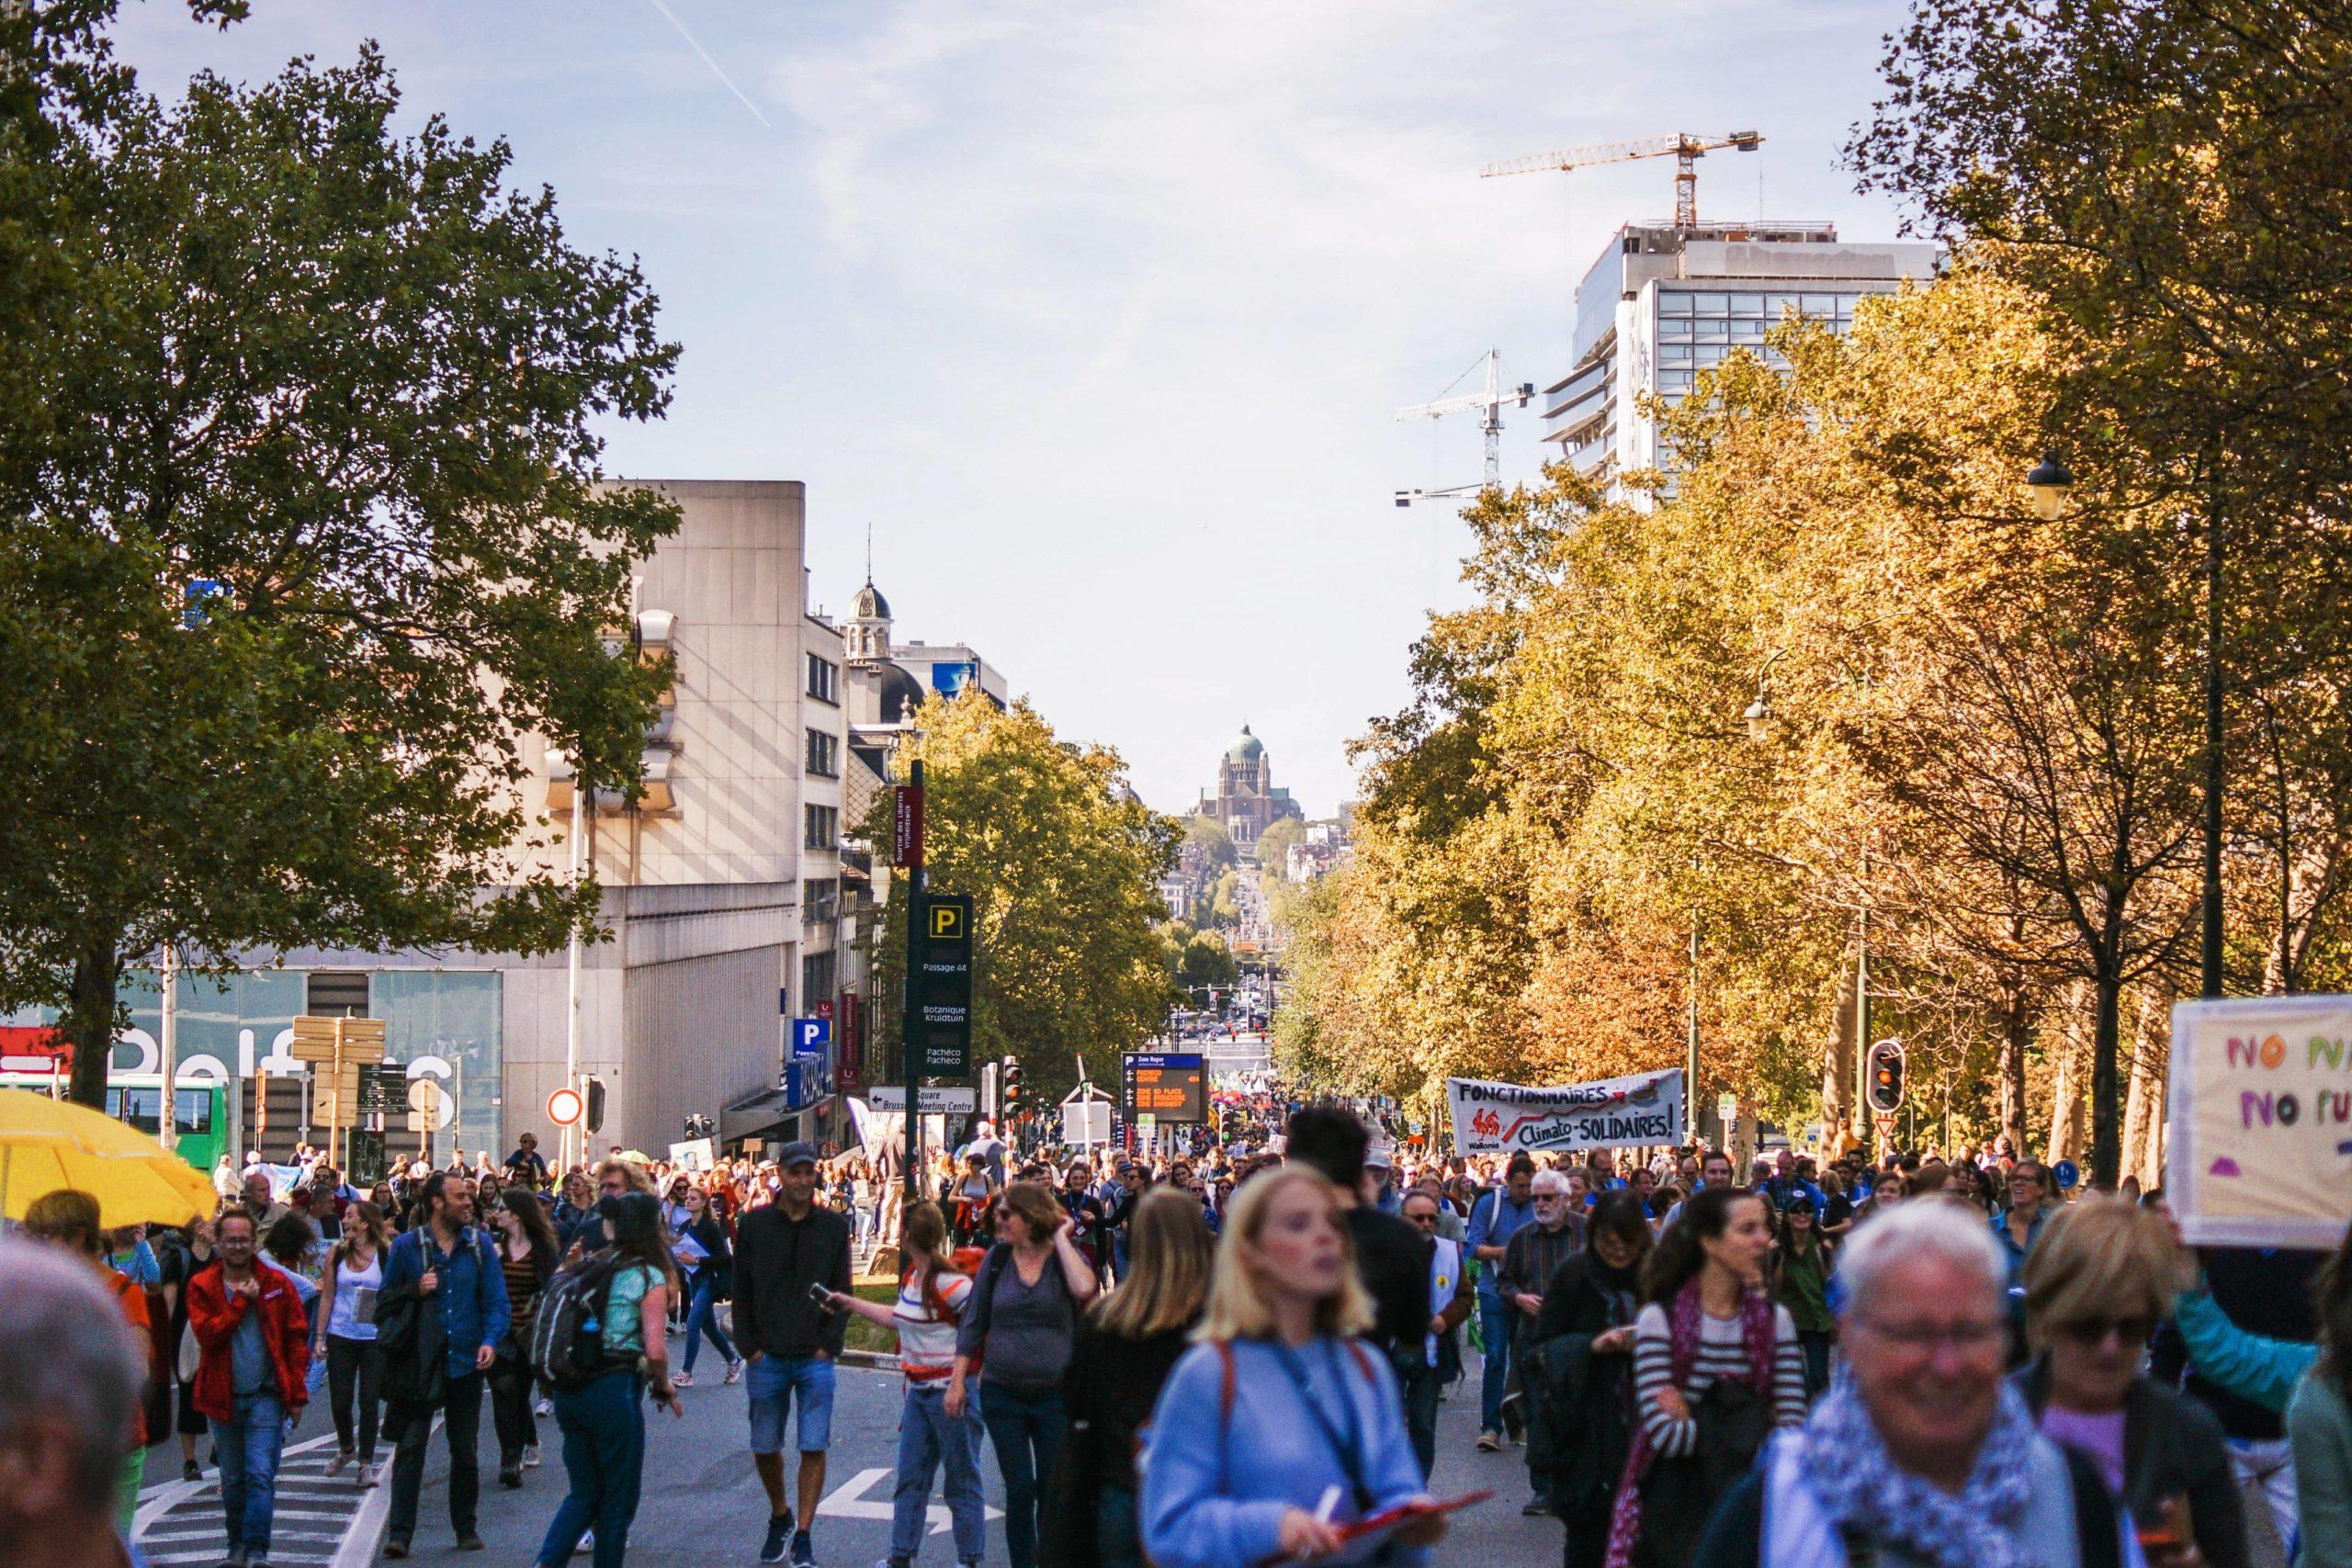 Brussel keurt 'klimaatwet' goed om zijn actie te versterken